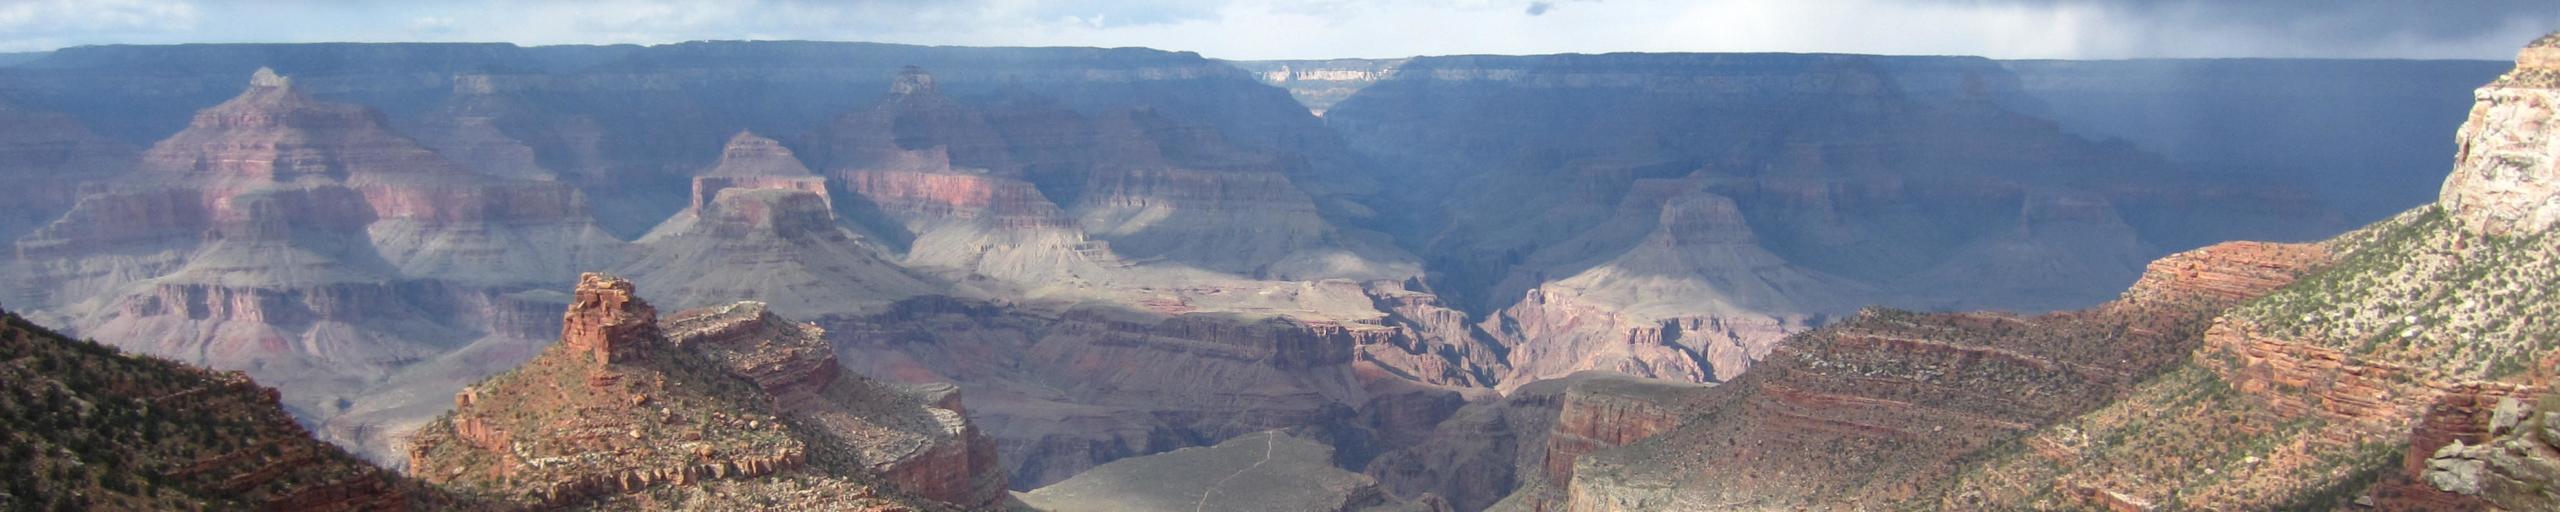 Le Grand Canyon depuis South Rim